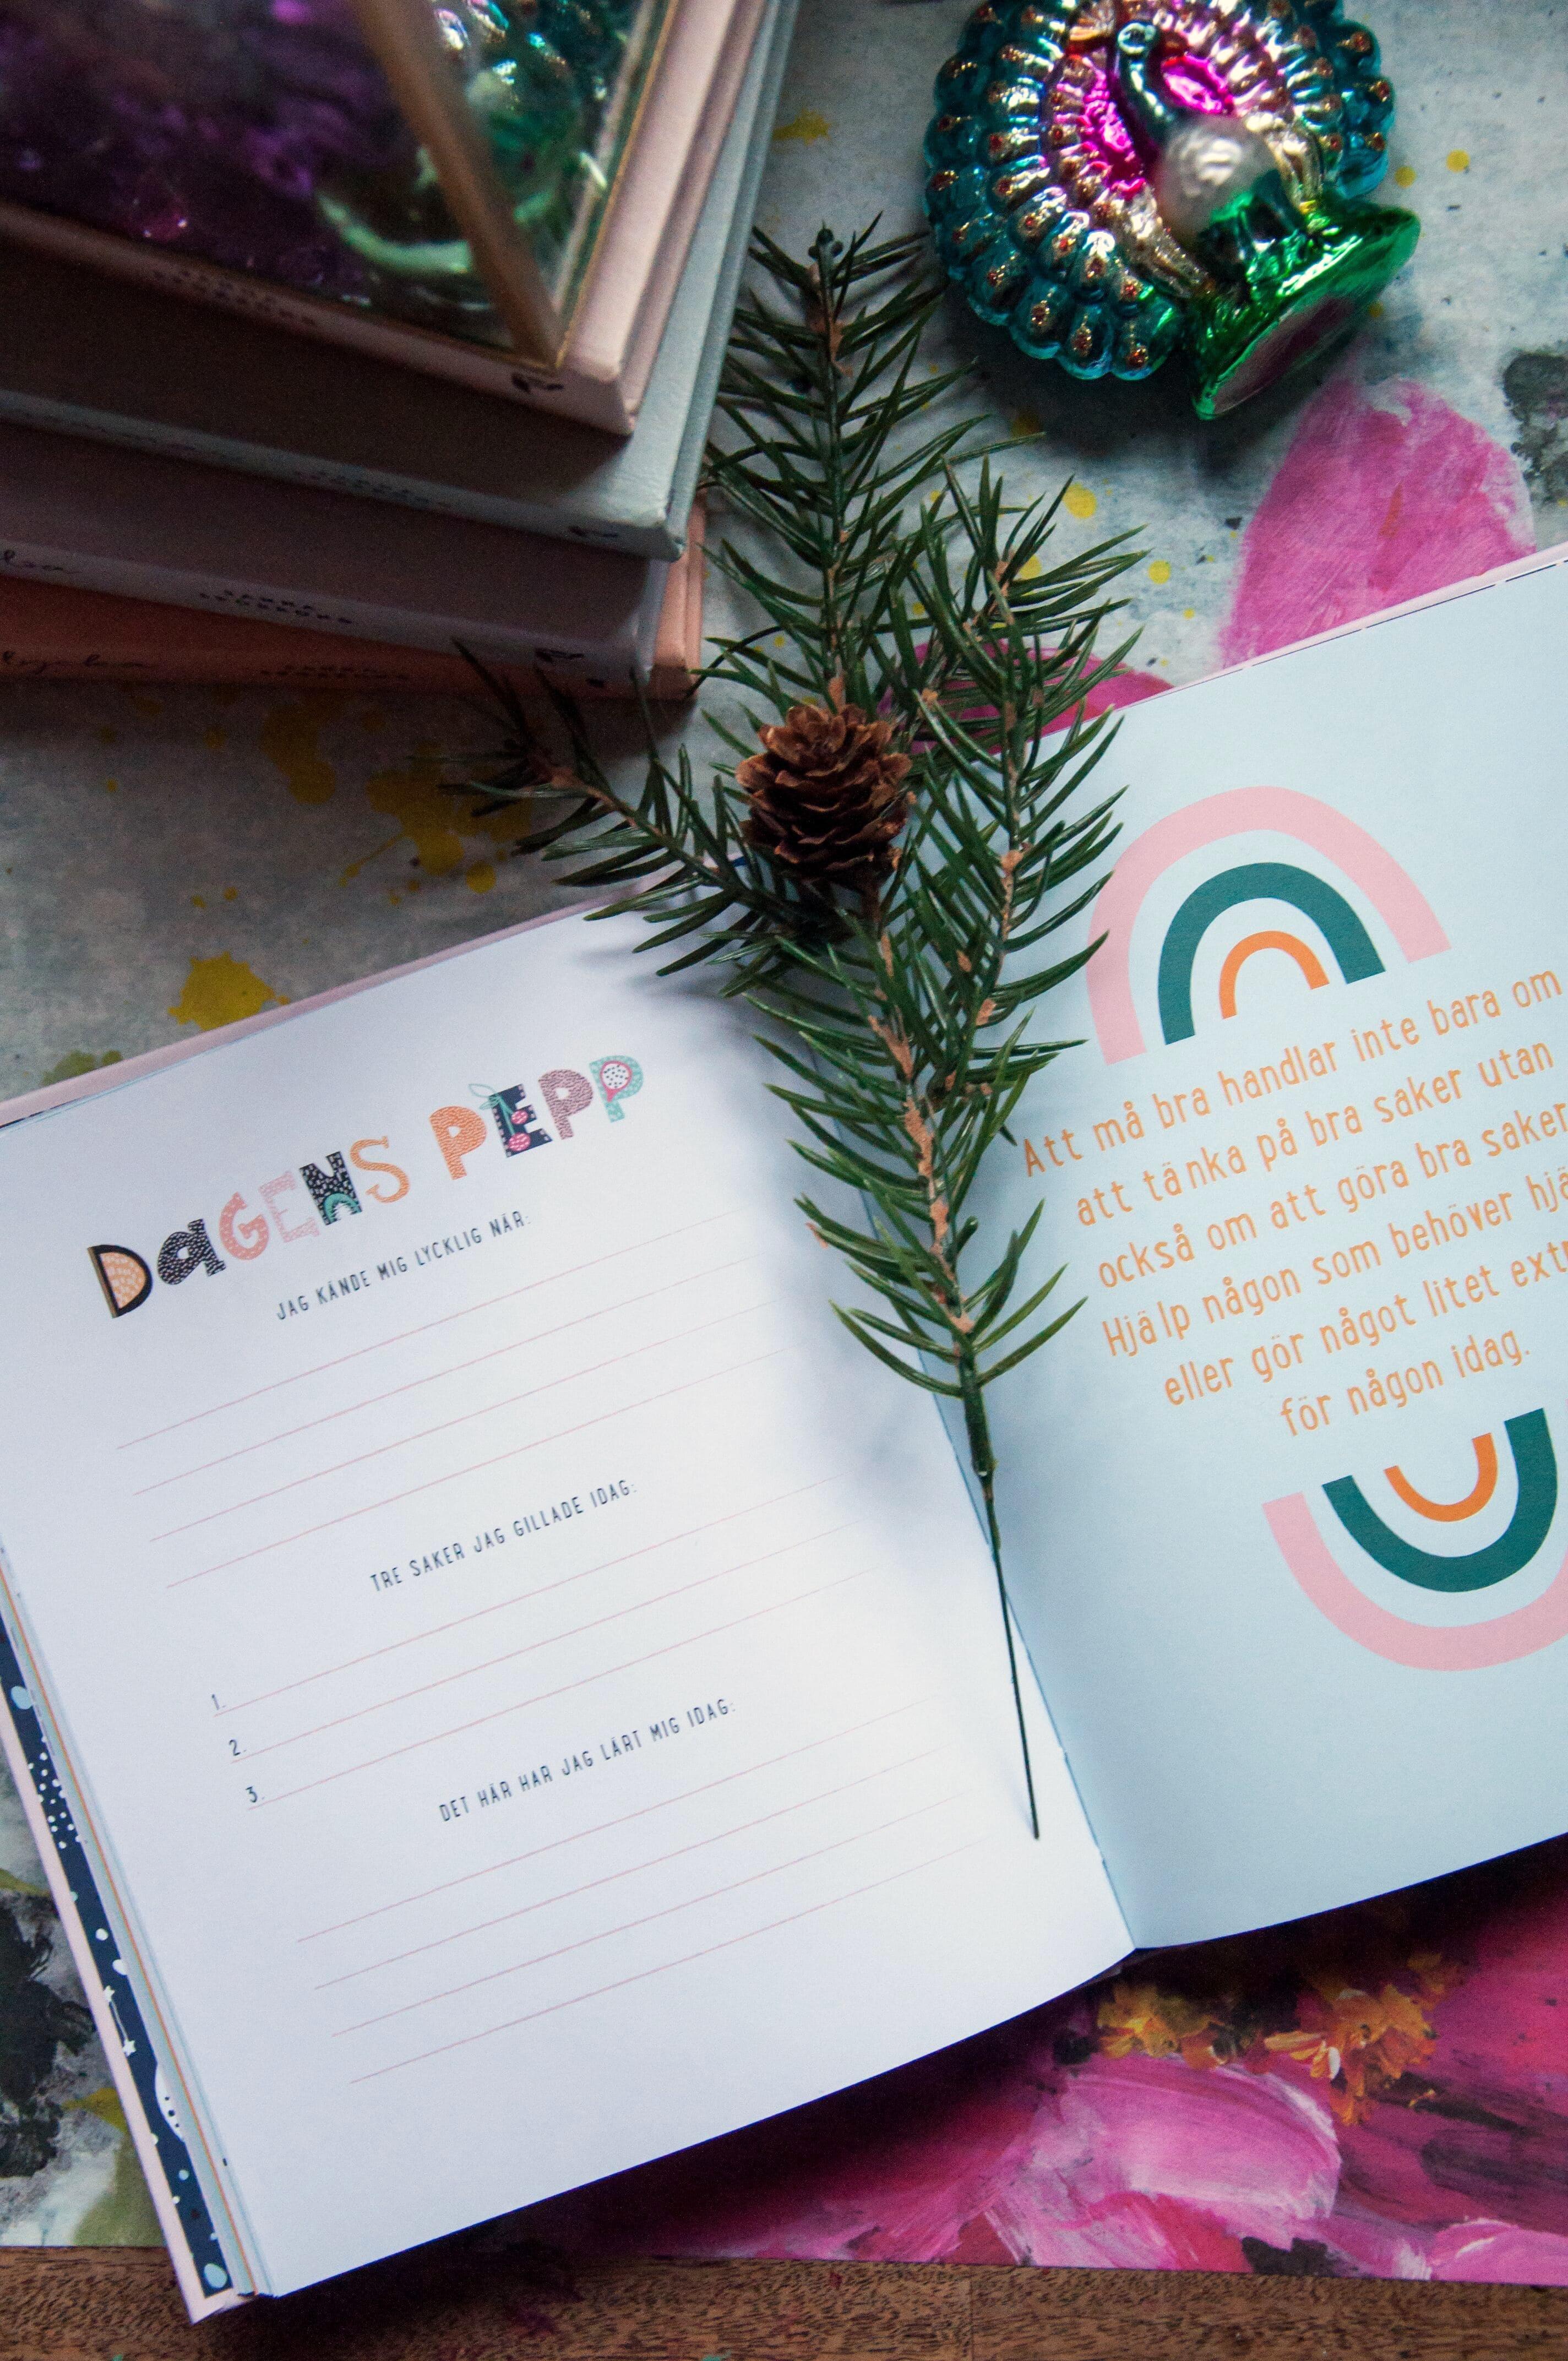 Hårda klappar - Bästa böckerna du ger bort i julklapp. Min peppbok av Sanna Sporrong. Foto: Leonor Juhl K